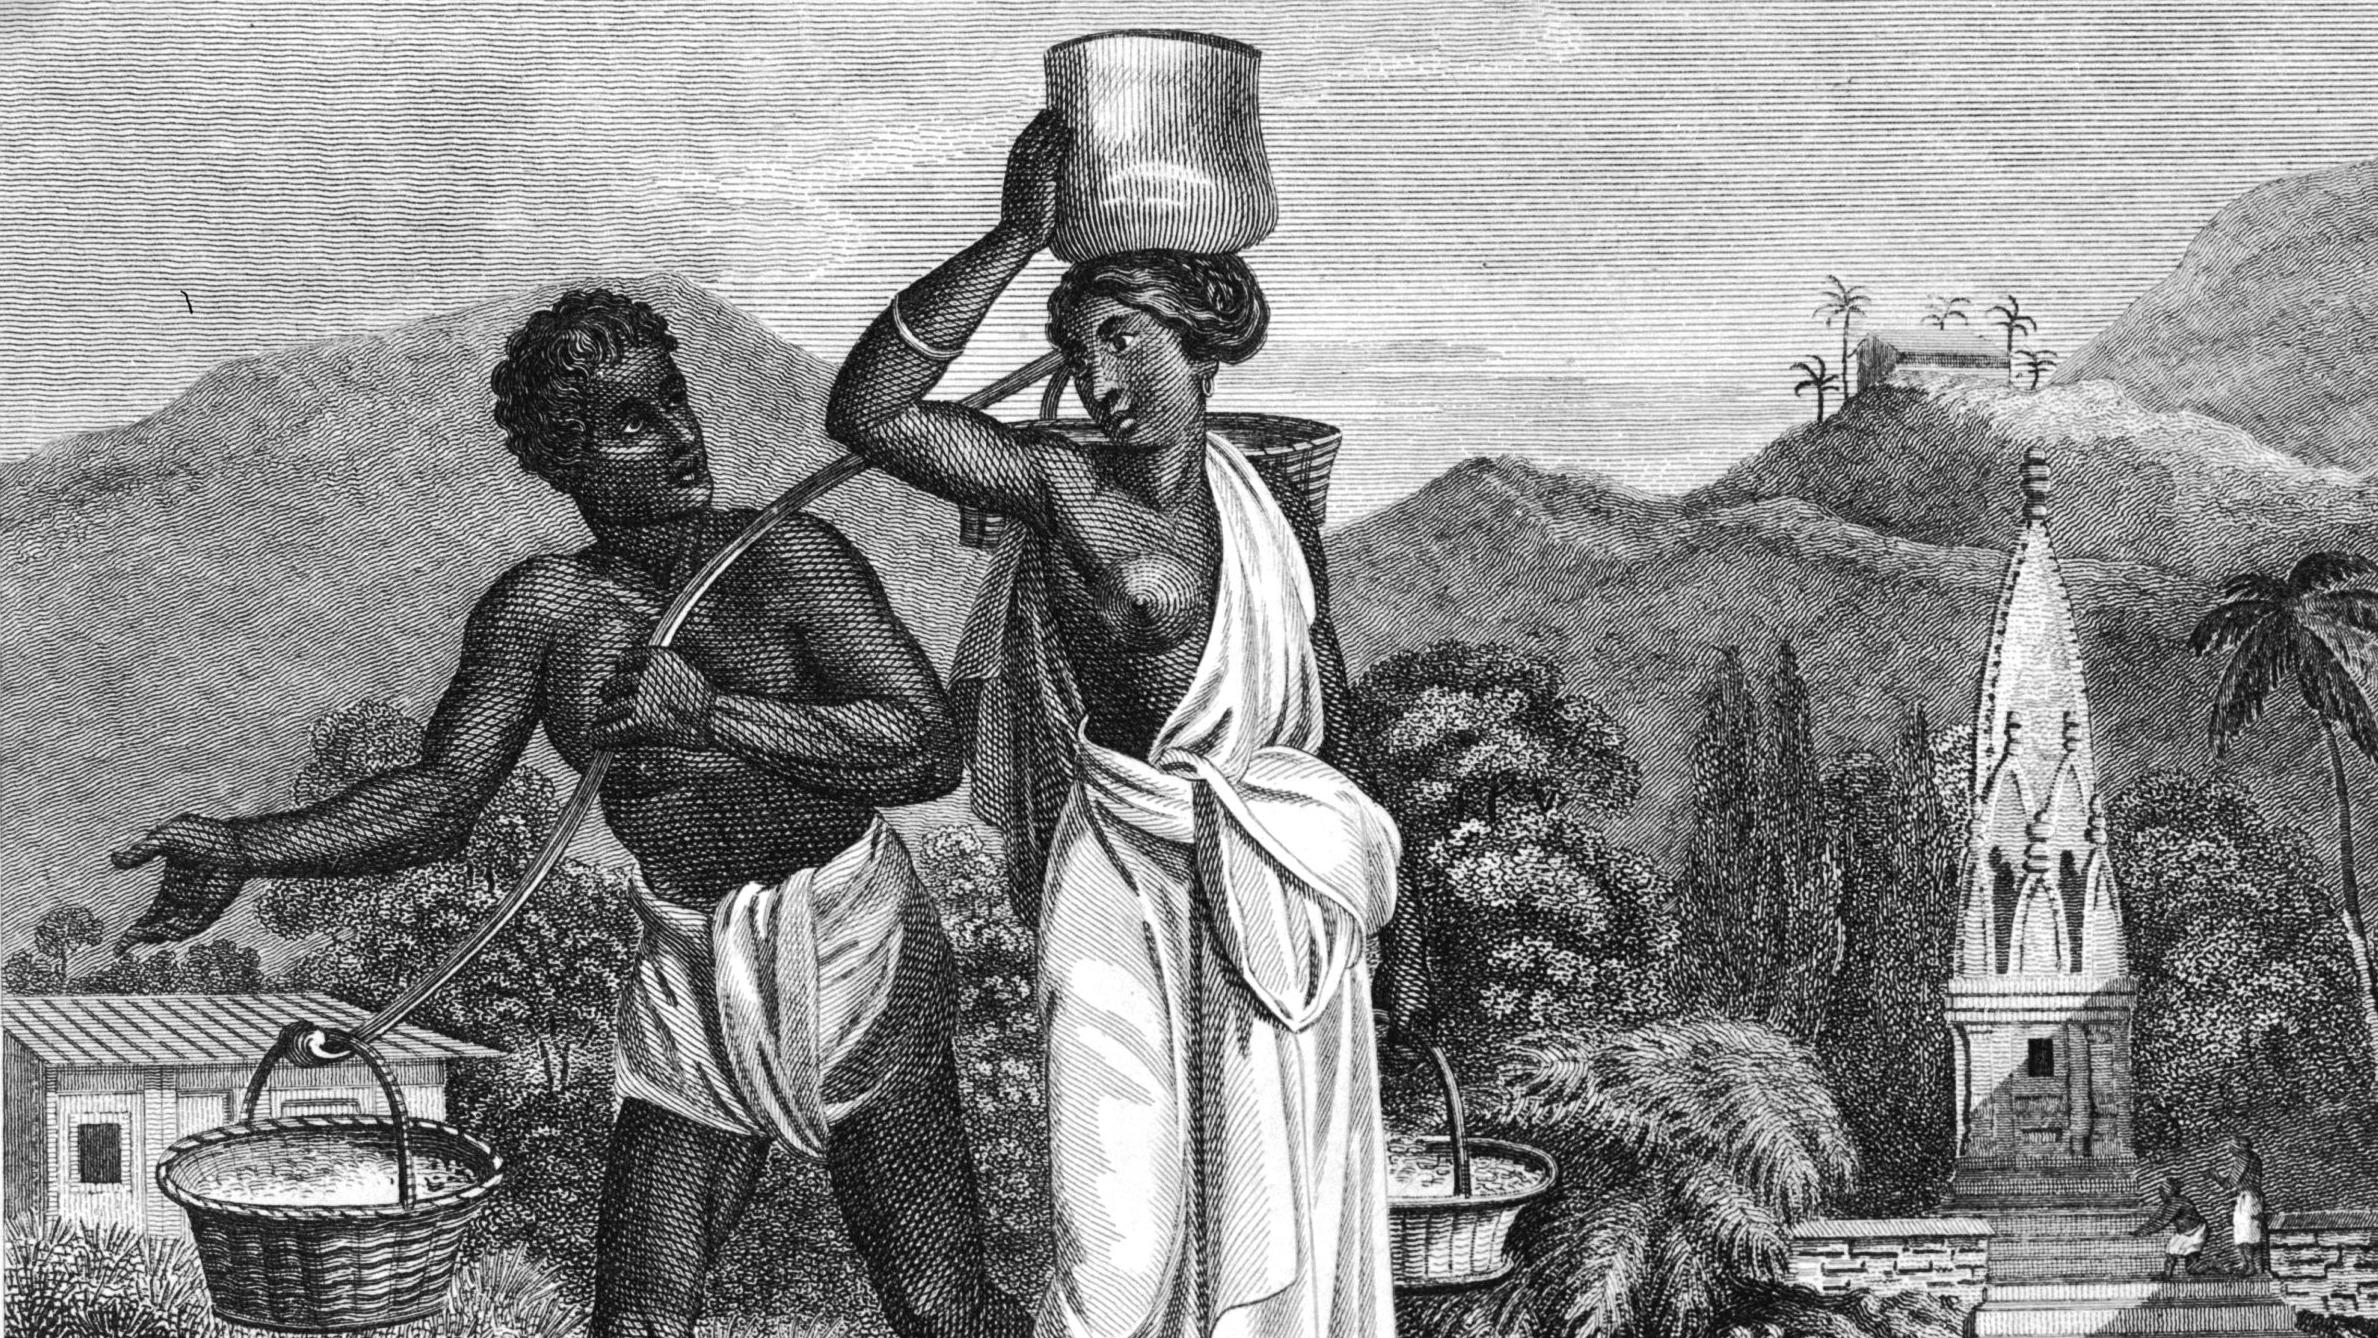 Az alacsonyabb kasztokba tartozó nők fedetlen mellekkel jártak